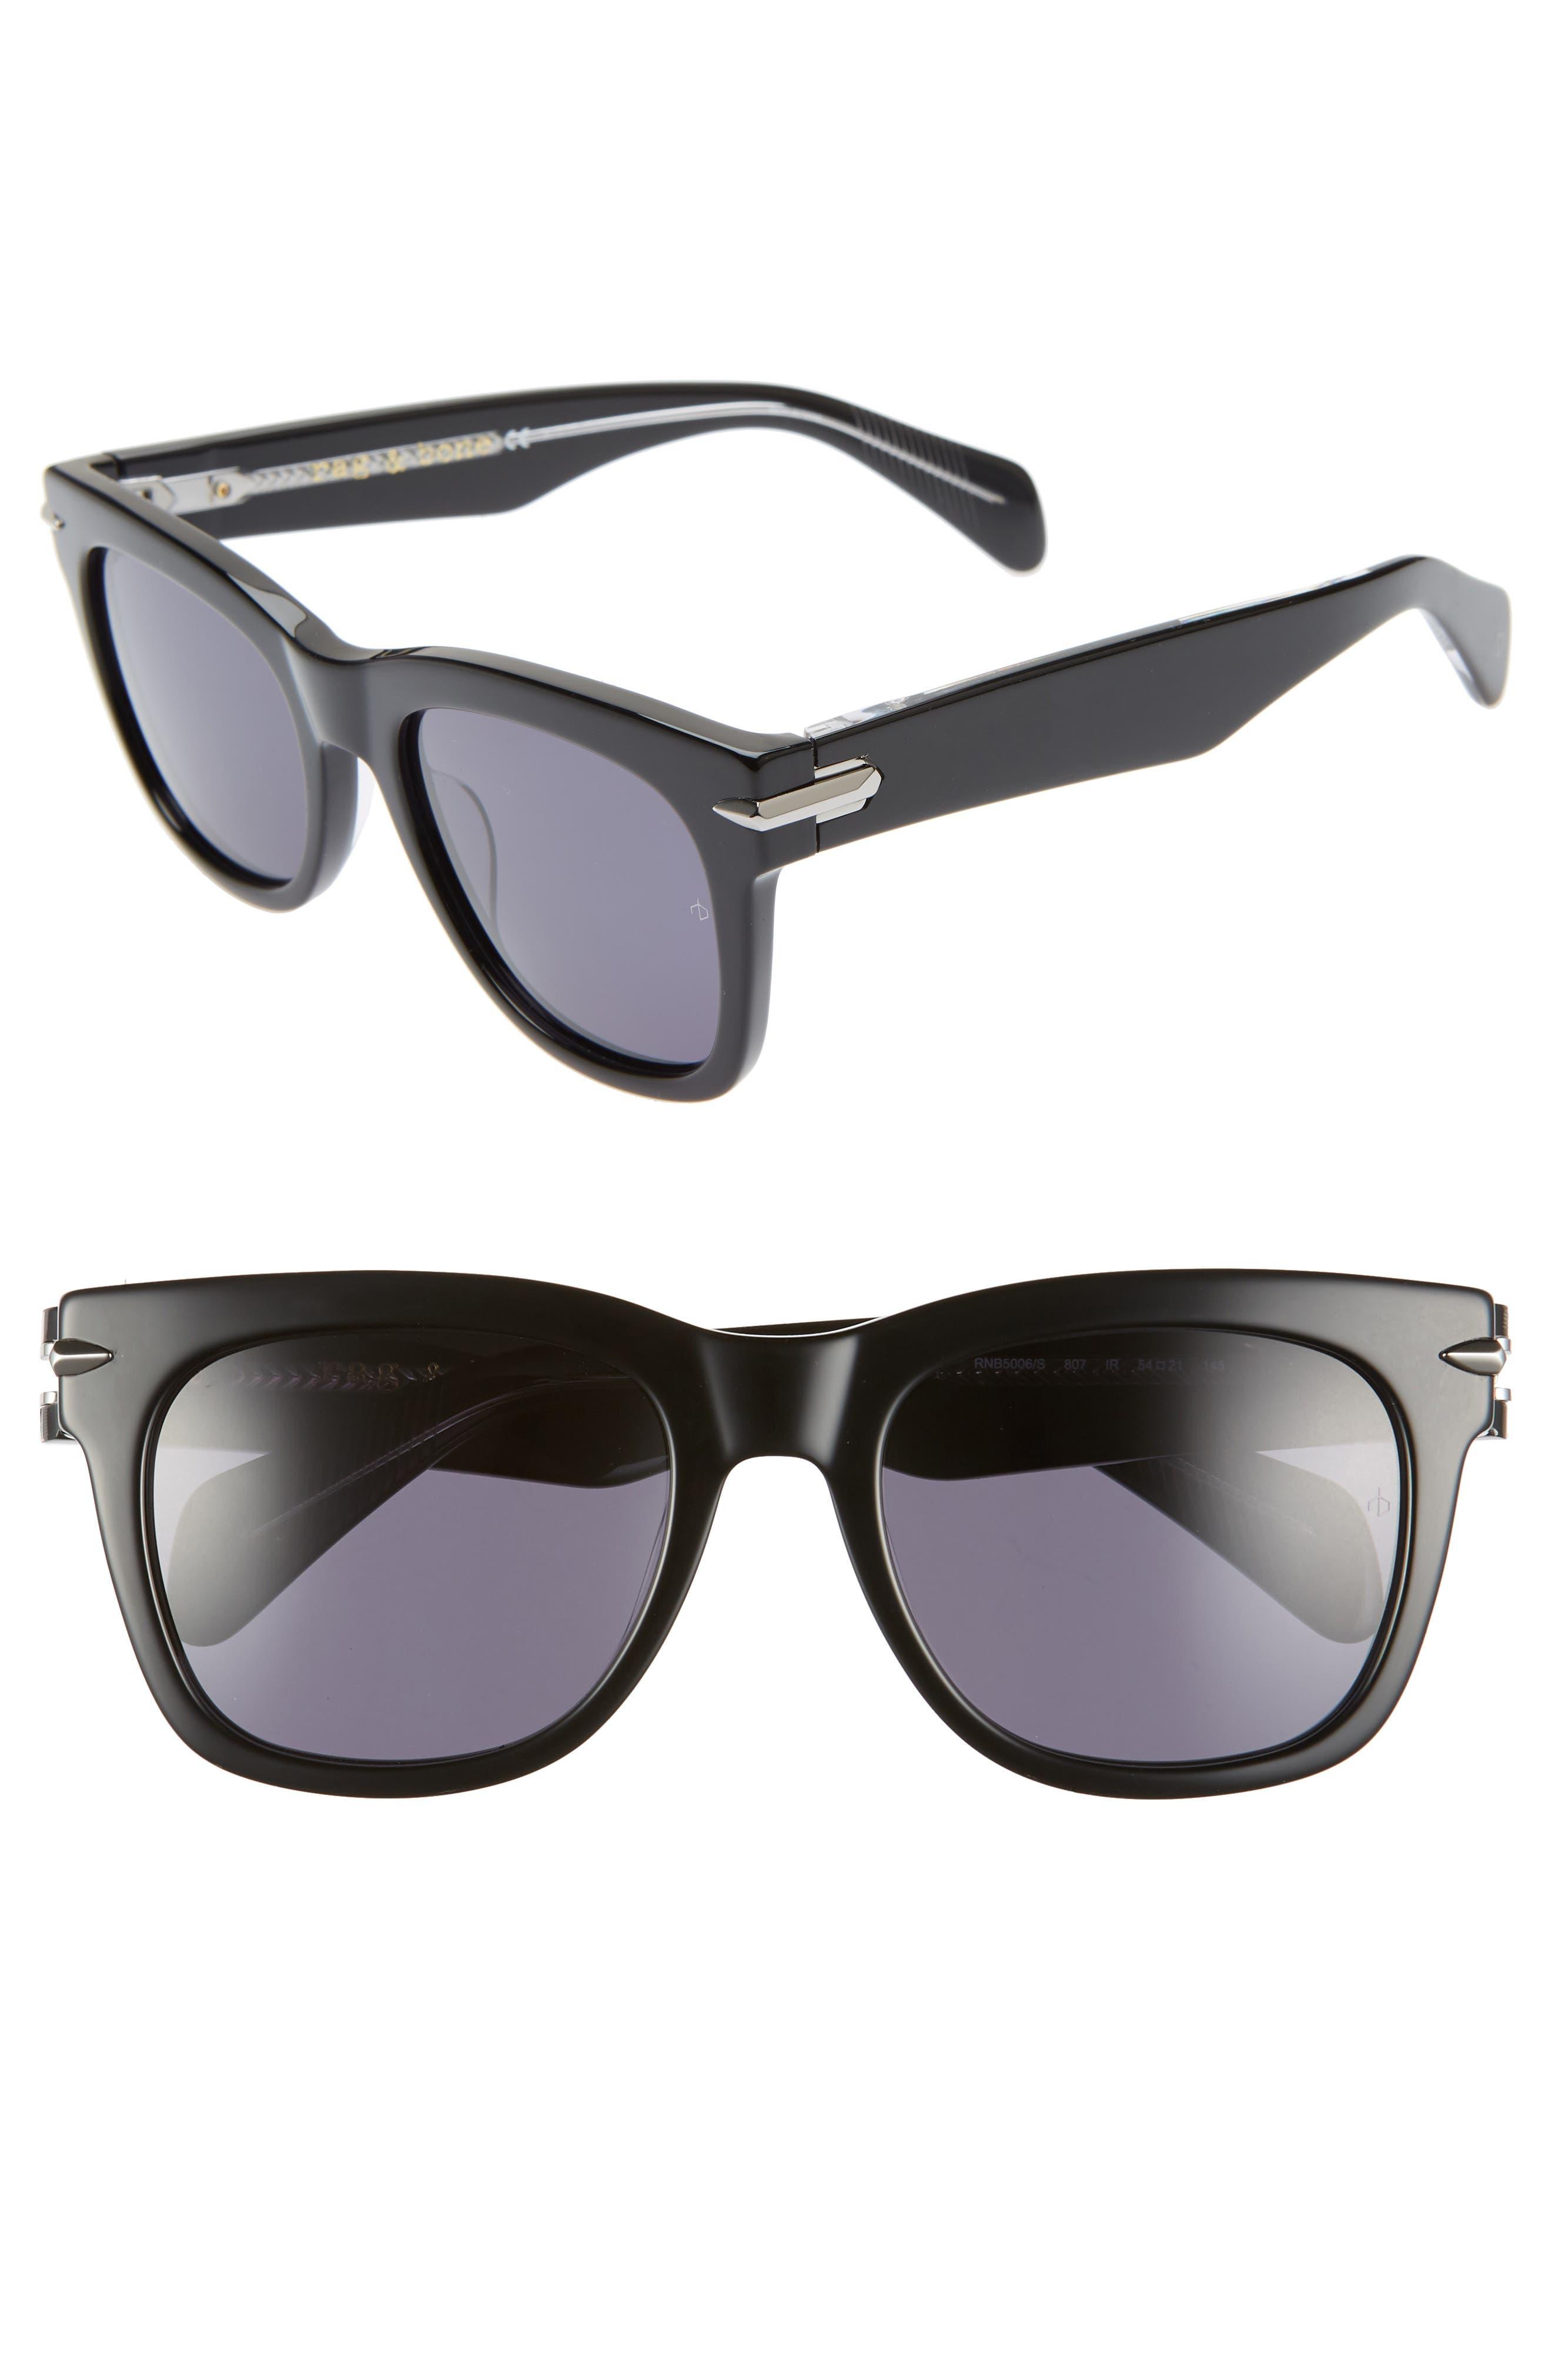 54mm Polarized Sunglasses,                             Main thumbnail 1, color,                             BLACK